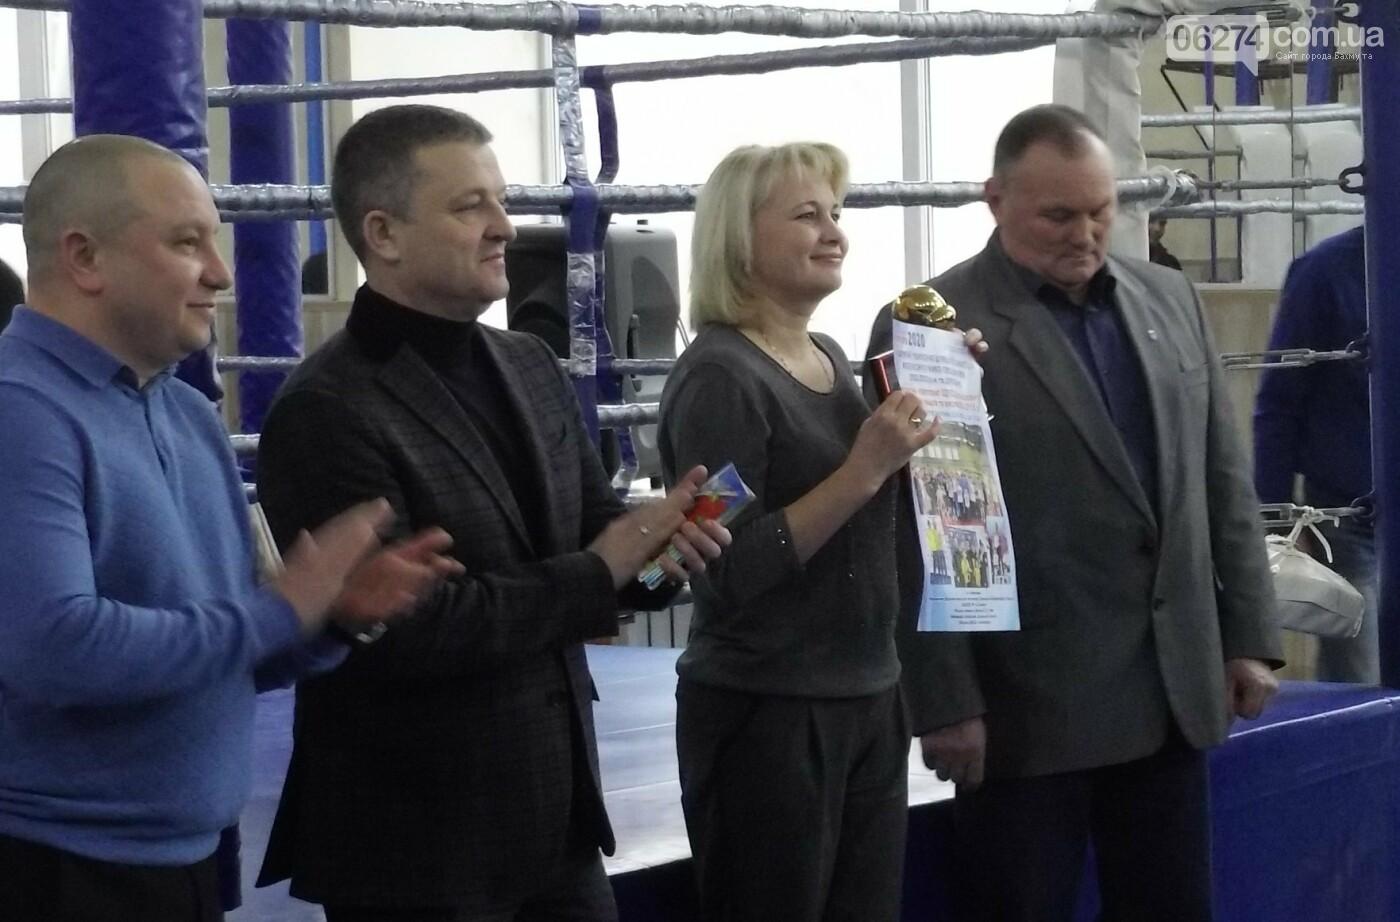 В Бахмуте состоялось открытие чемпионата области по кикбоксингу, фото-1